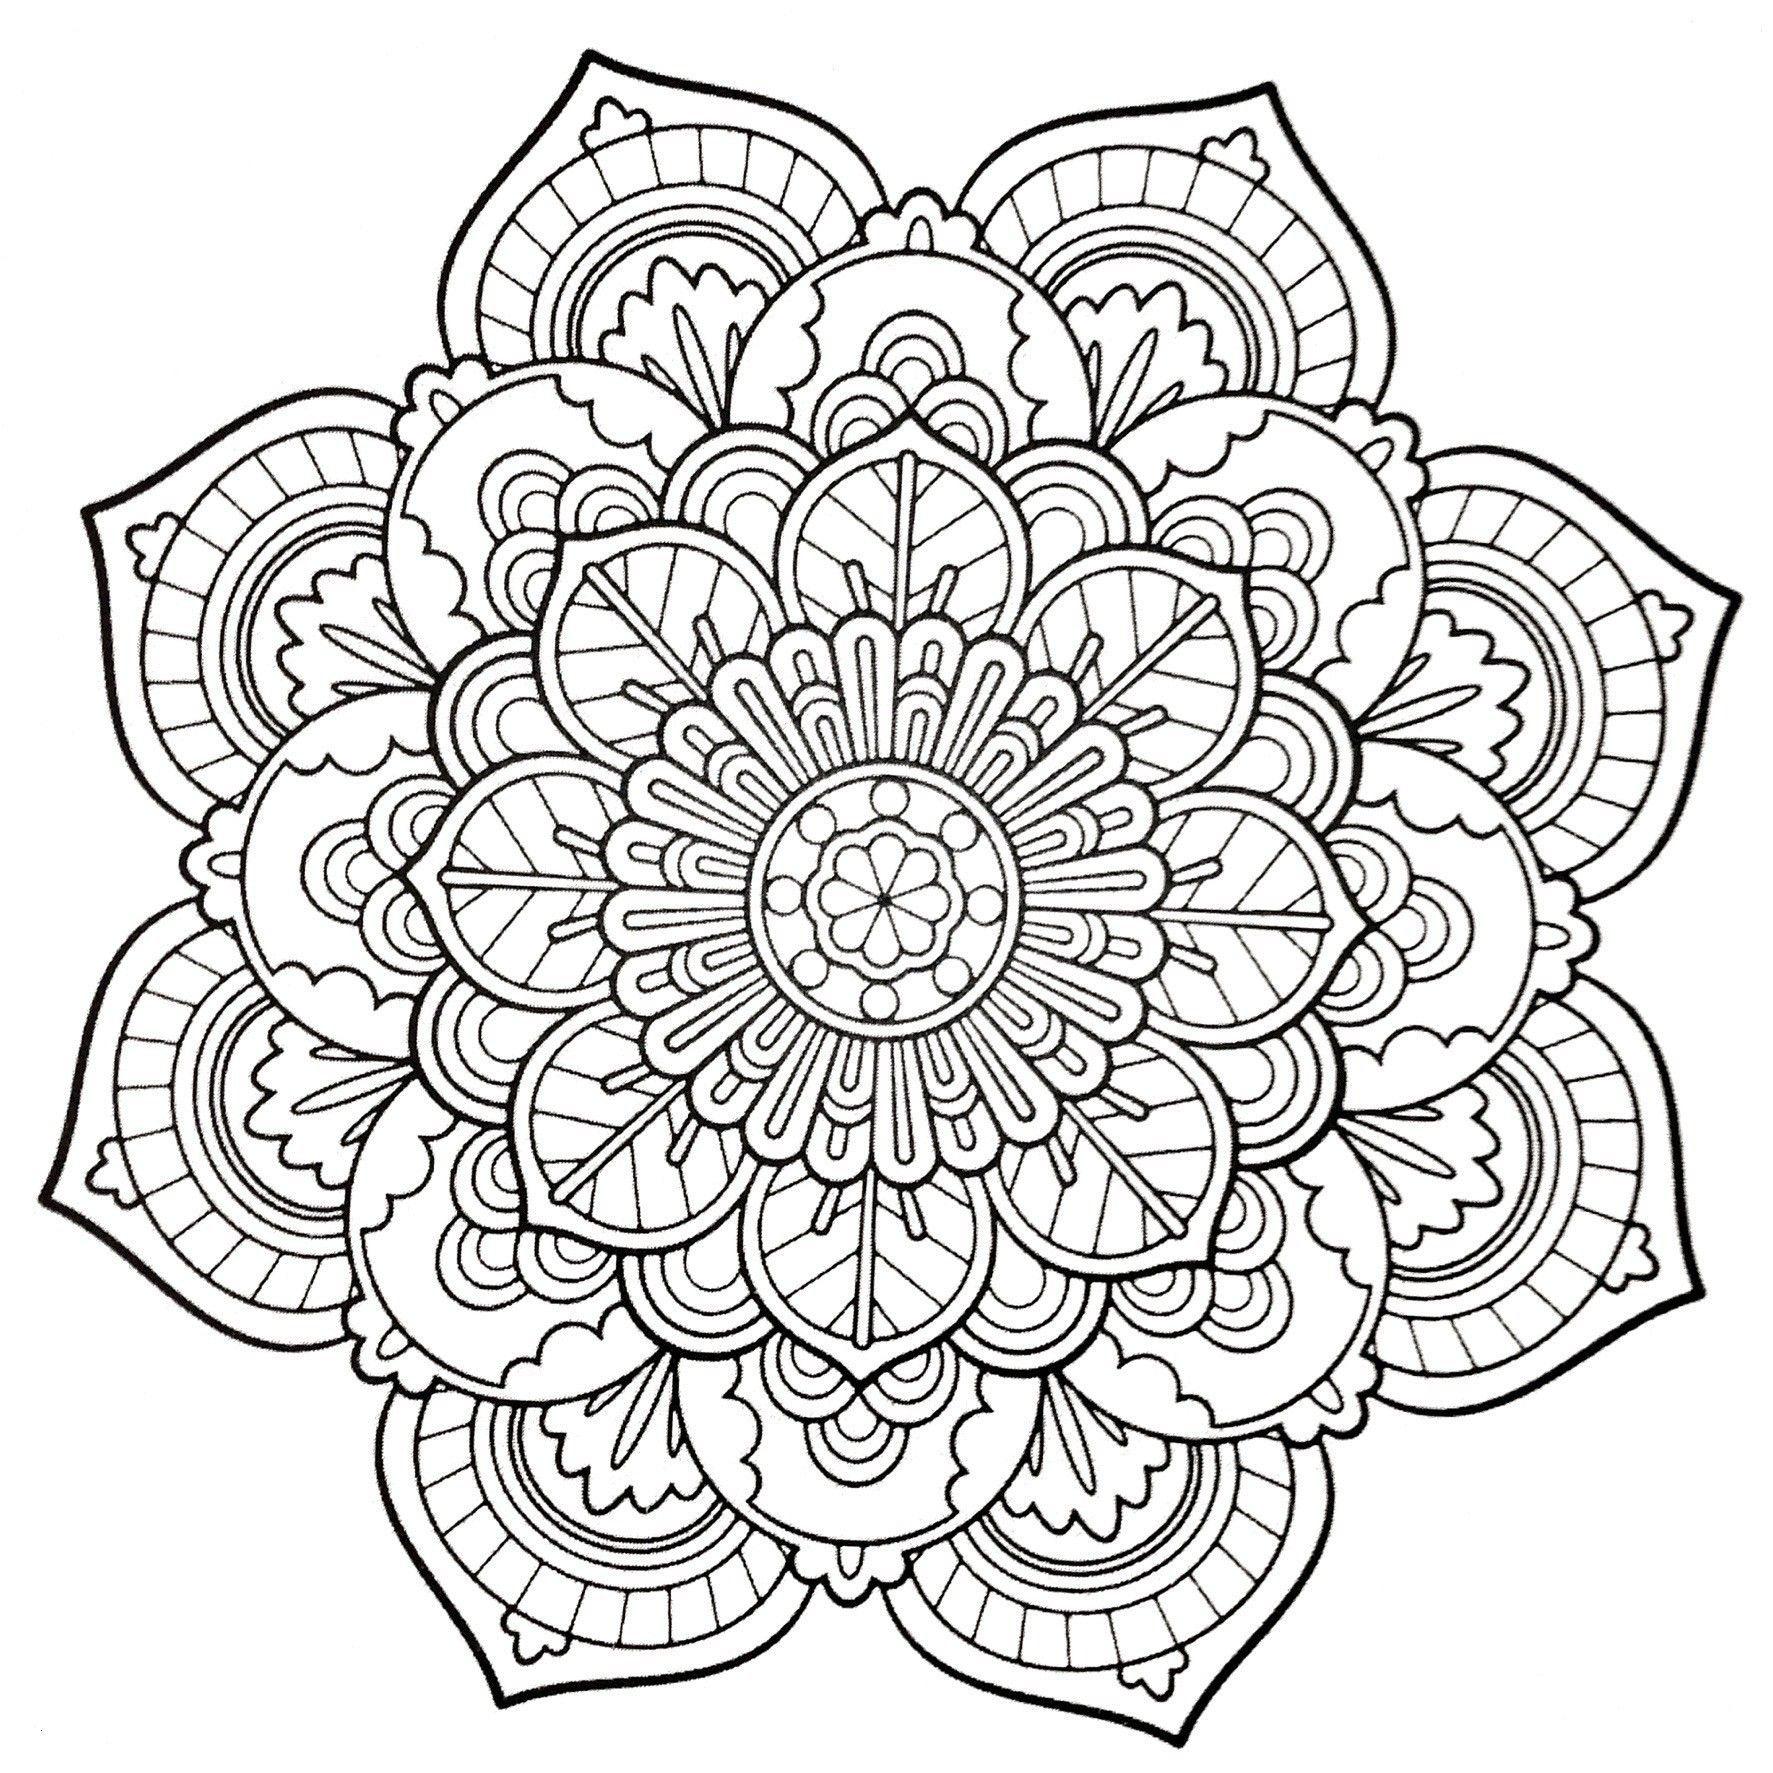 Die Besten Von Papagei Mandala Ausmalbilder Zum Ausdrucken Parrot Mandala Coloring Of Malvorl Malvorlagen Mandala Zum Ausdrucken Ausmalbilder Zum Ausdrucken